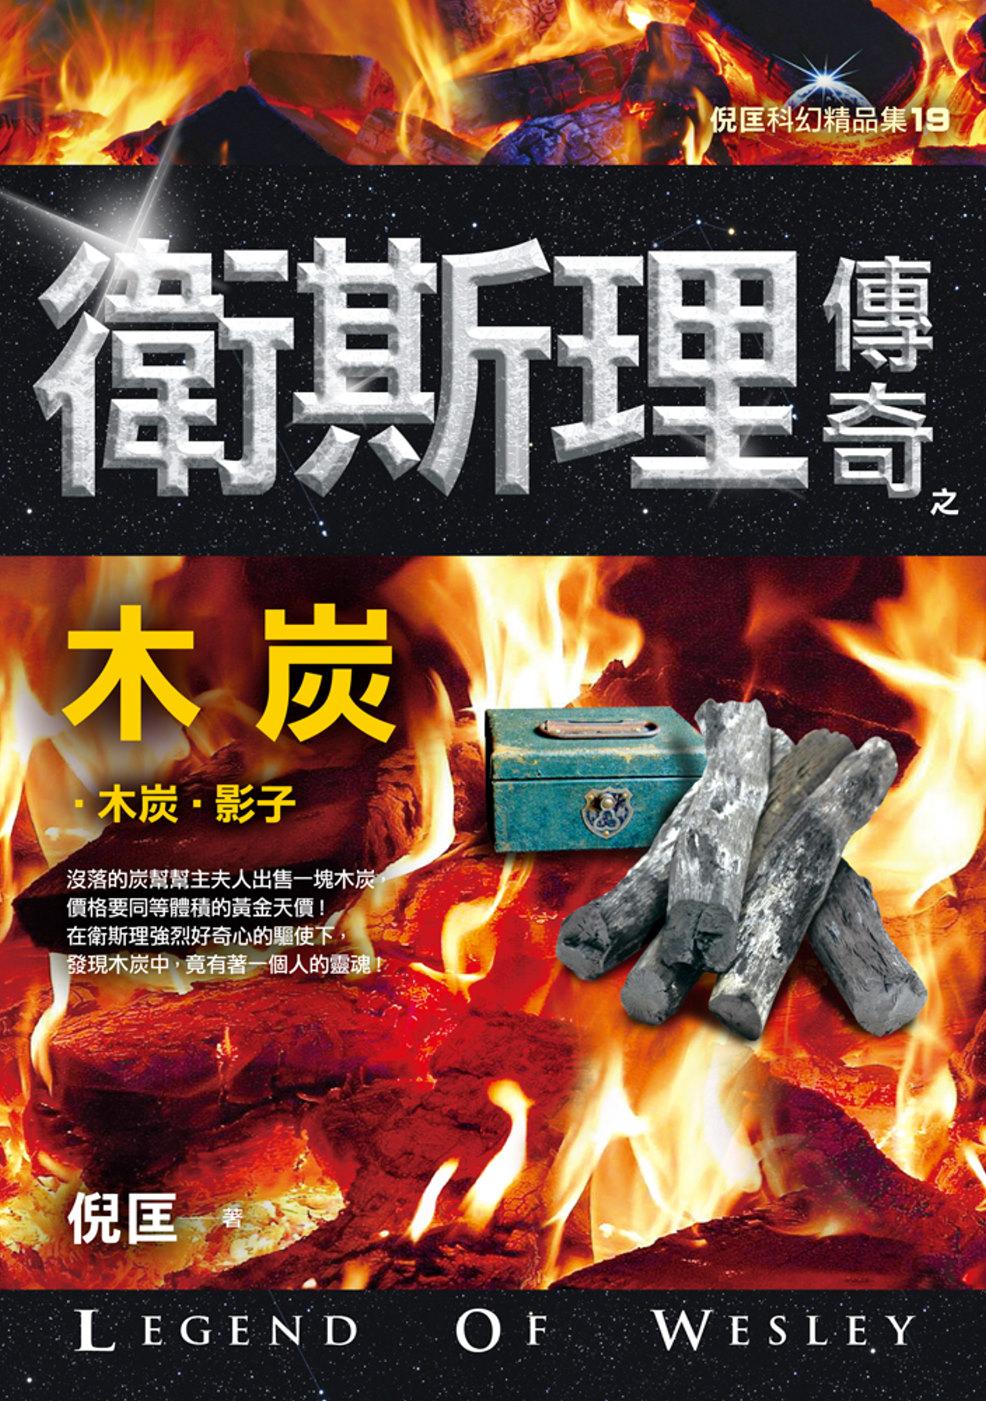 衛斯理傳奇之木炭【精品集】(新版)